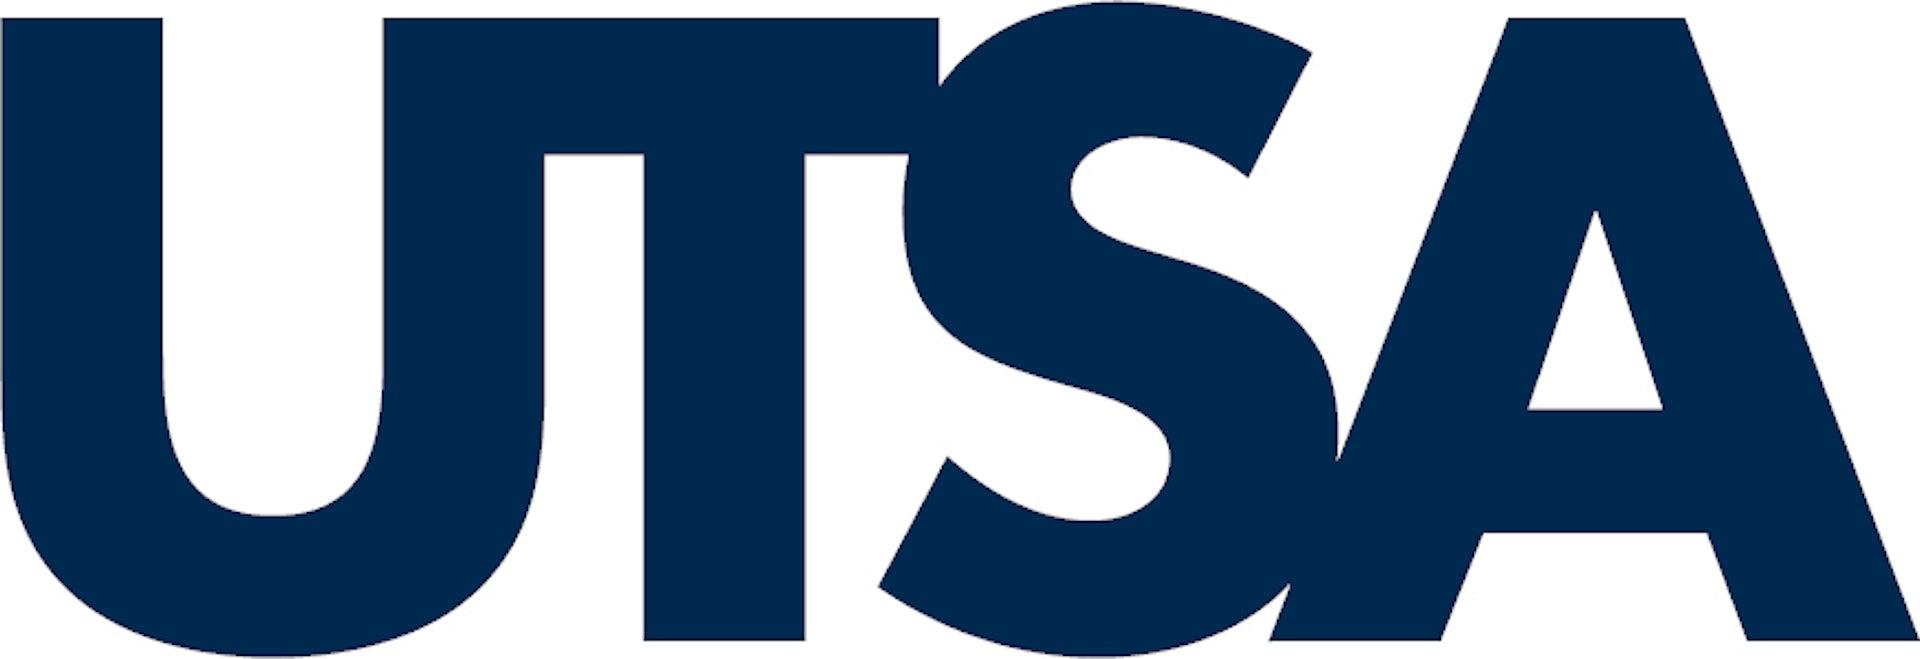 Logo 1416526325.jpg?ixlib=rb 1.1